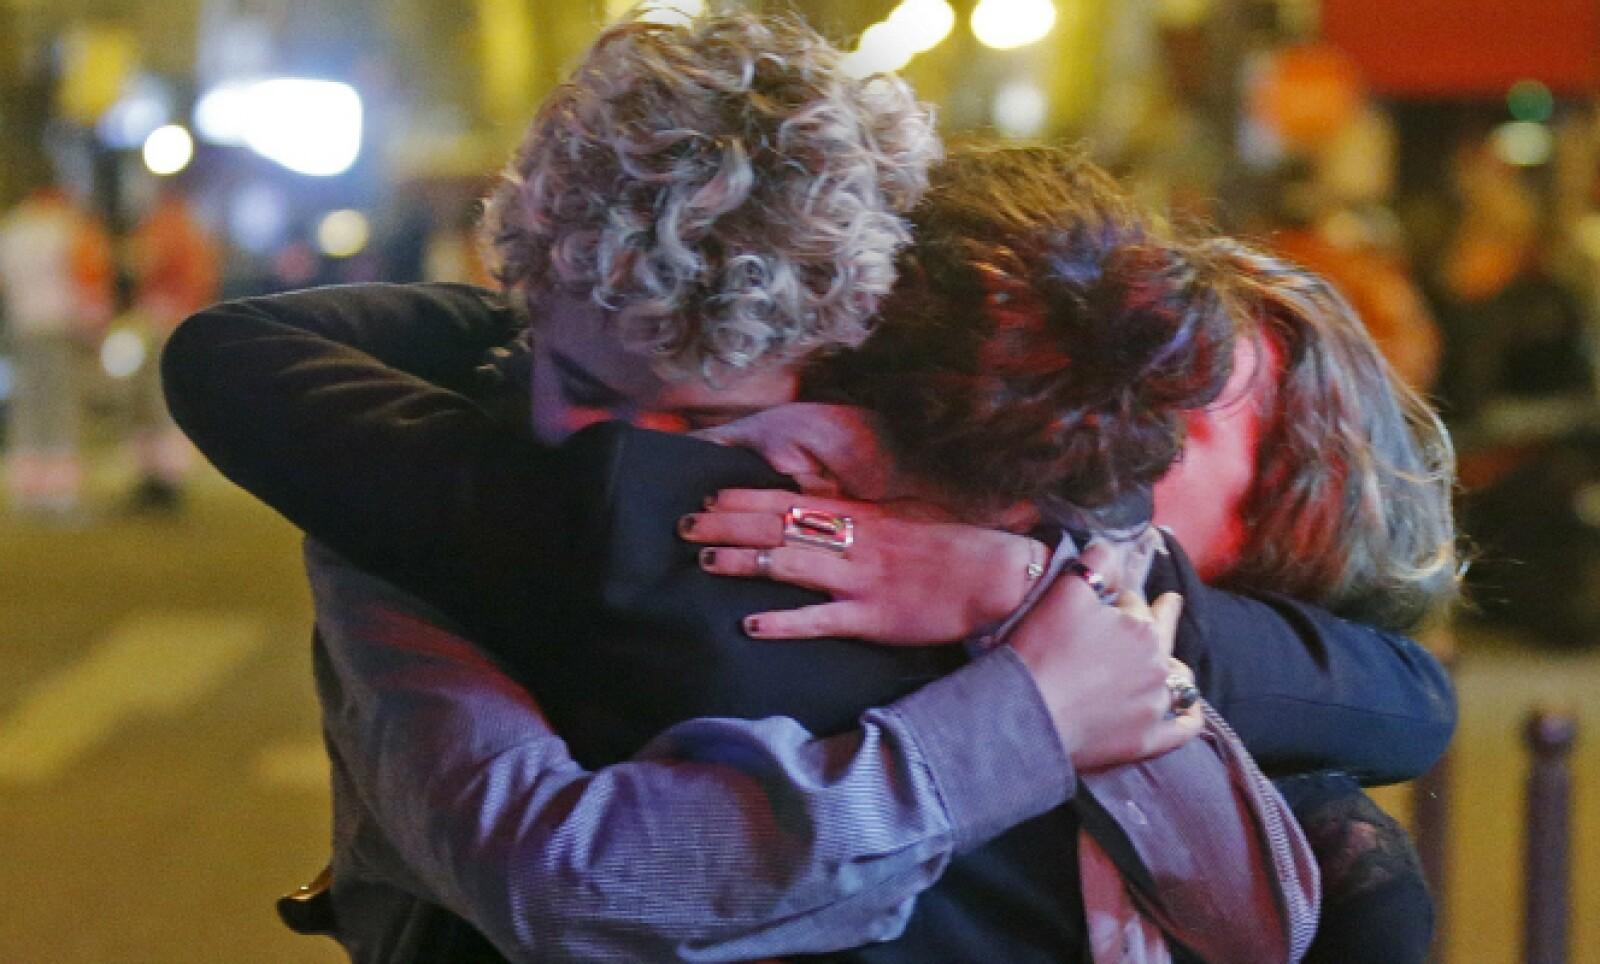 Un grupo de personas se abrazan al salir del teatro en el que más de 100 personas murieron.